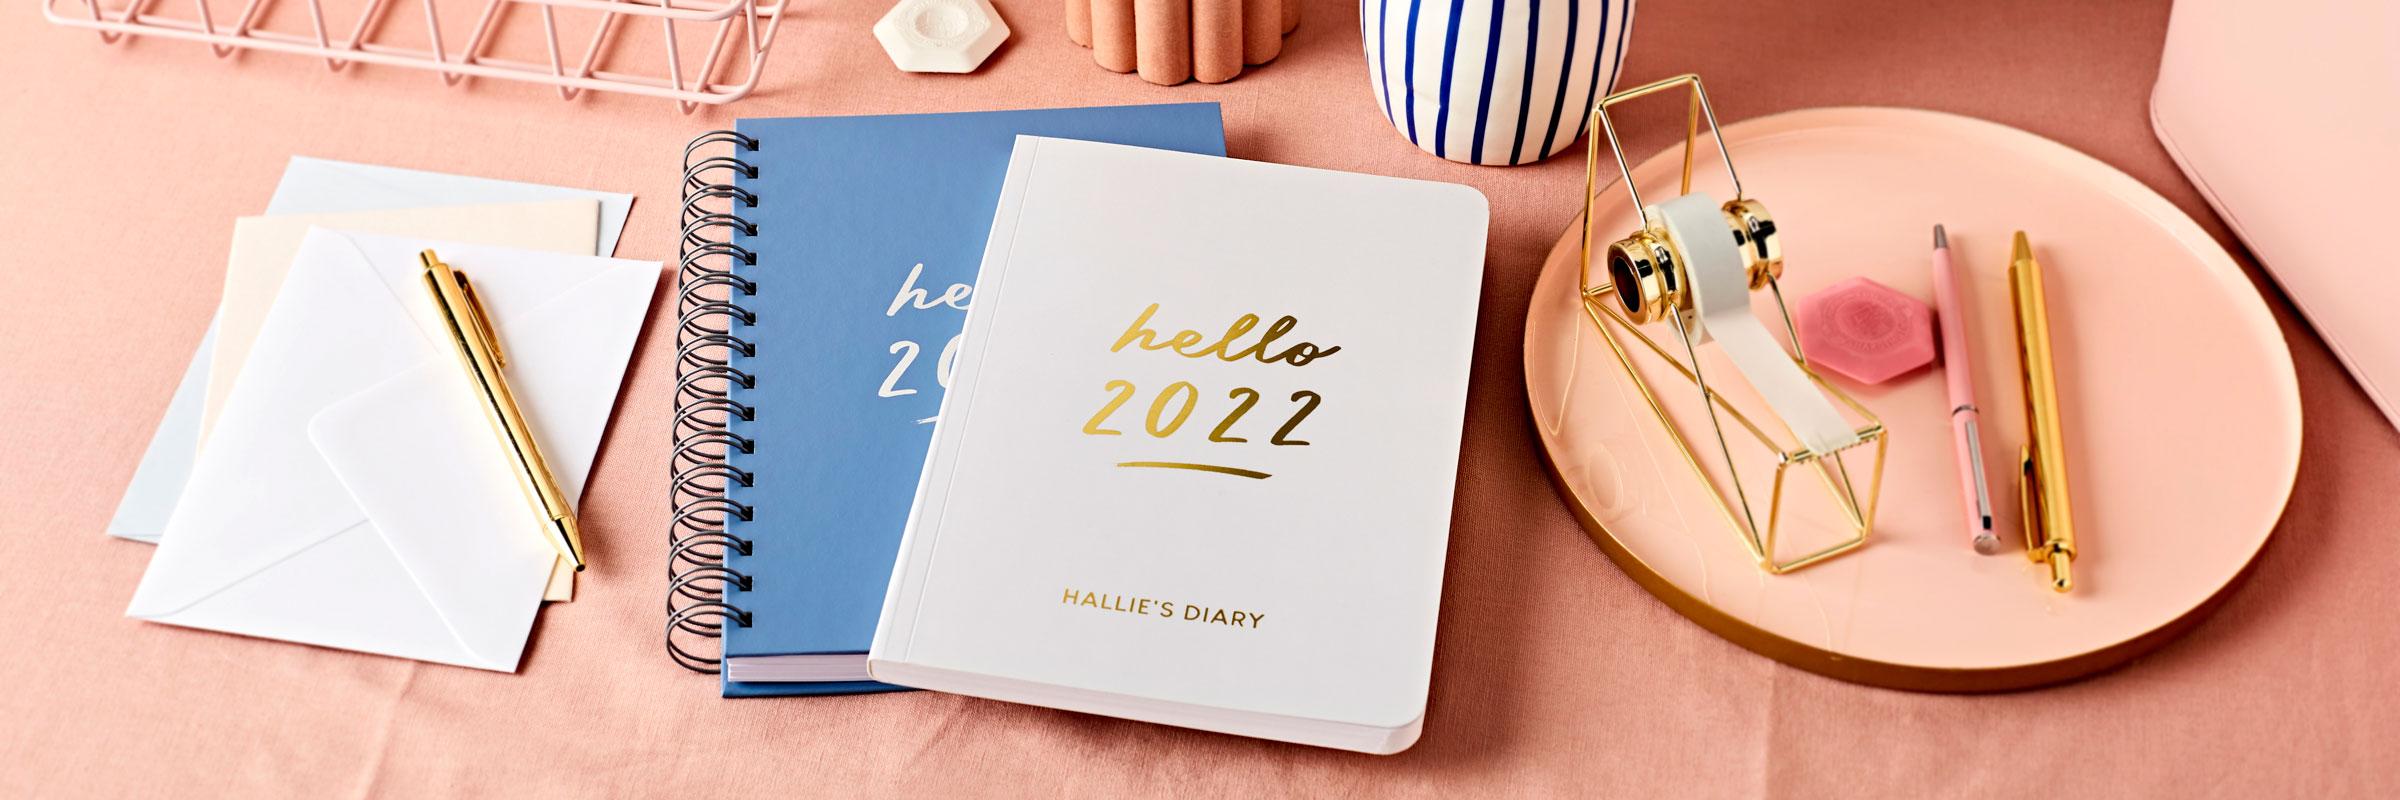 Martha Brook Weekly 2022 Diaries